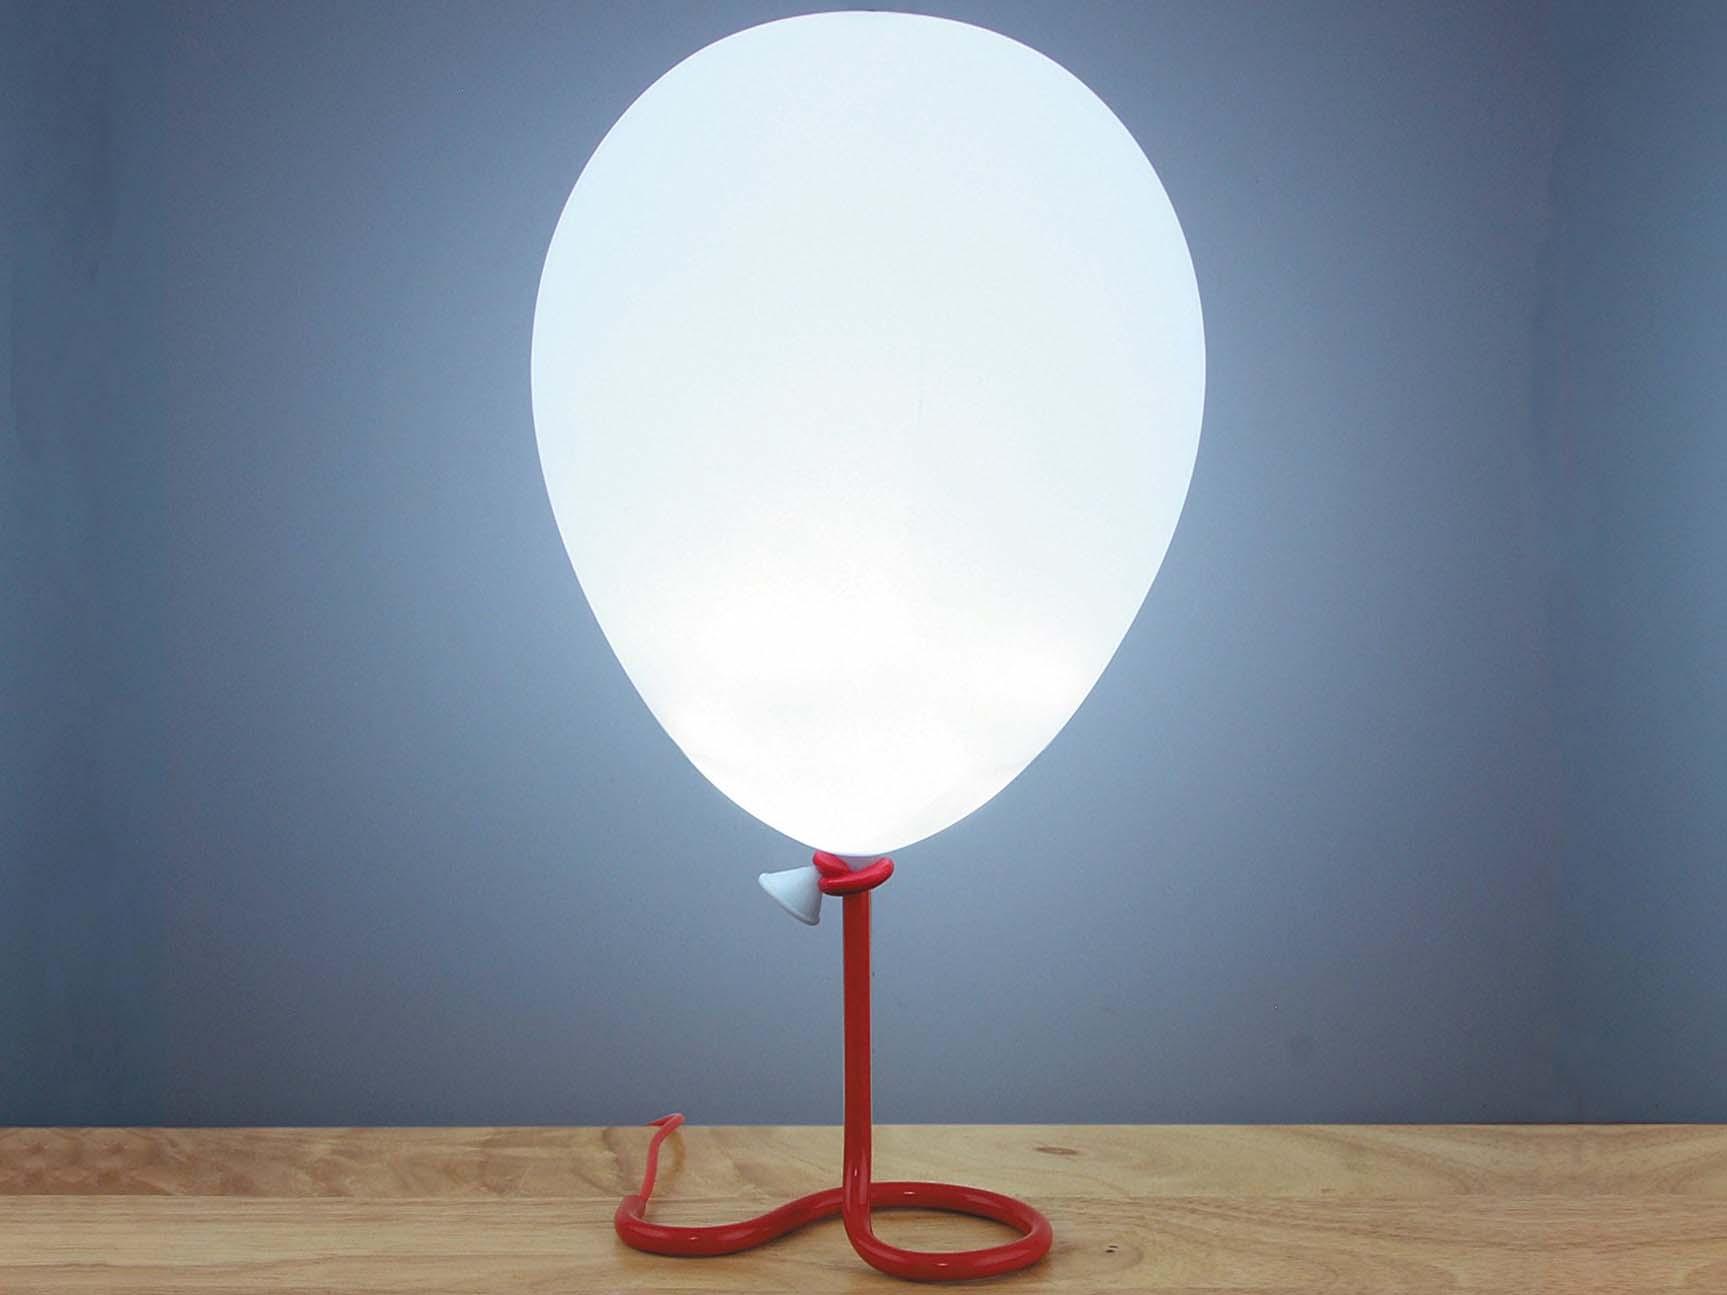 Van CoolGift Balloon Lamp Prijsvergelijk nu!